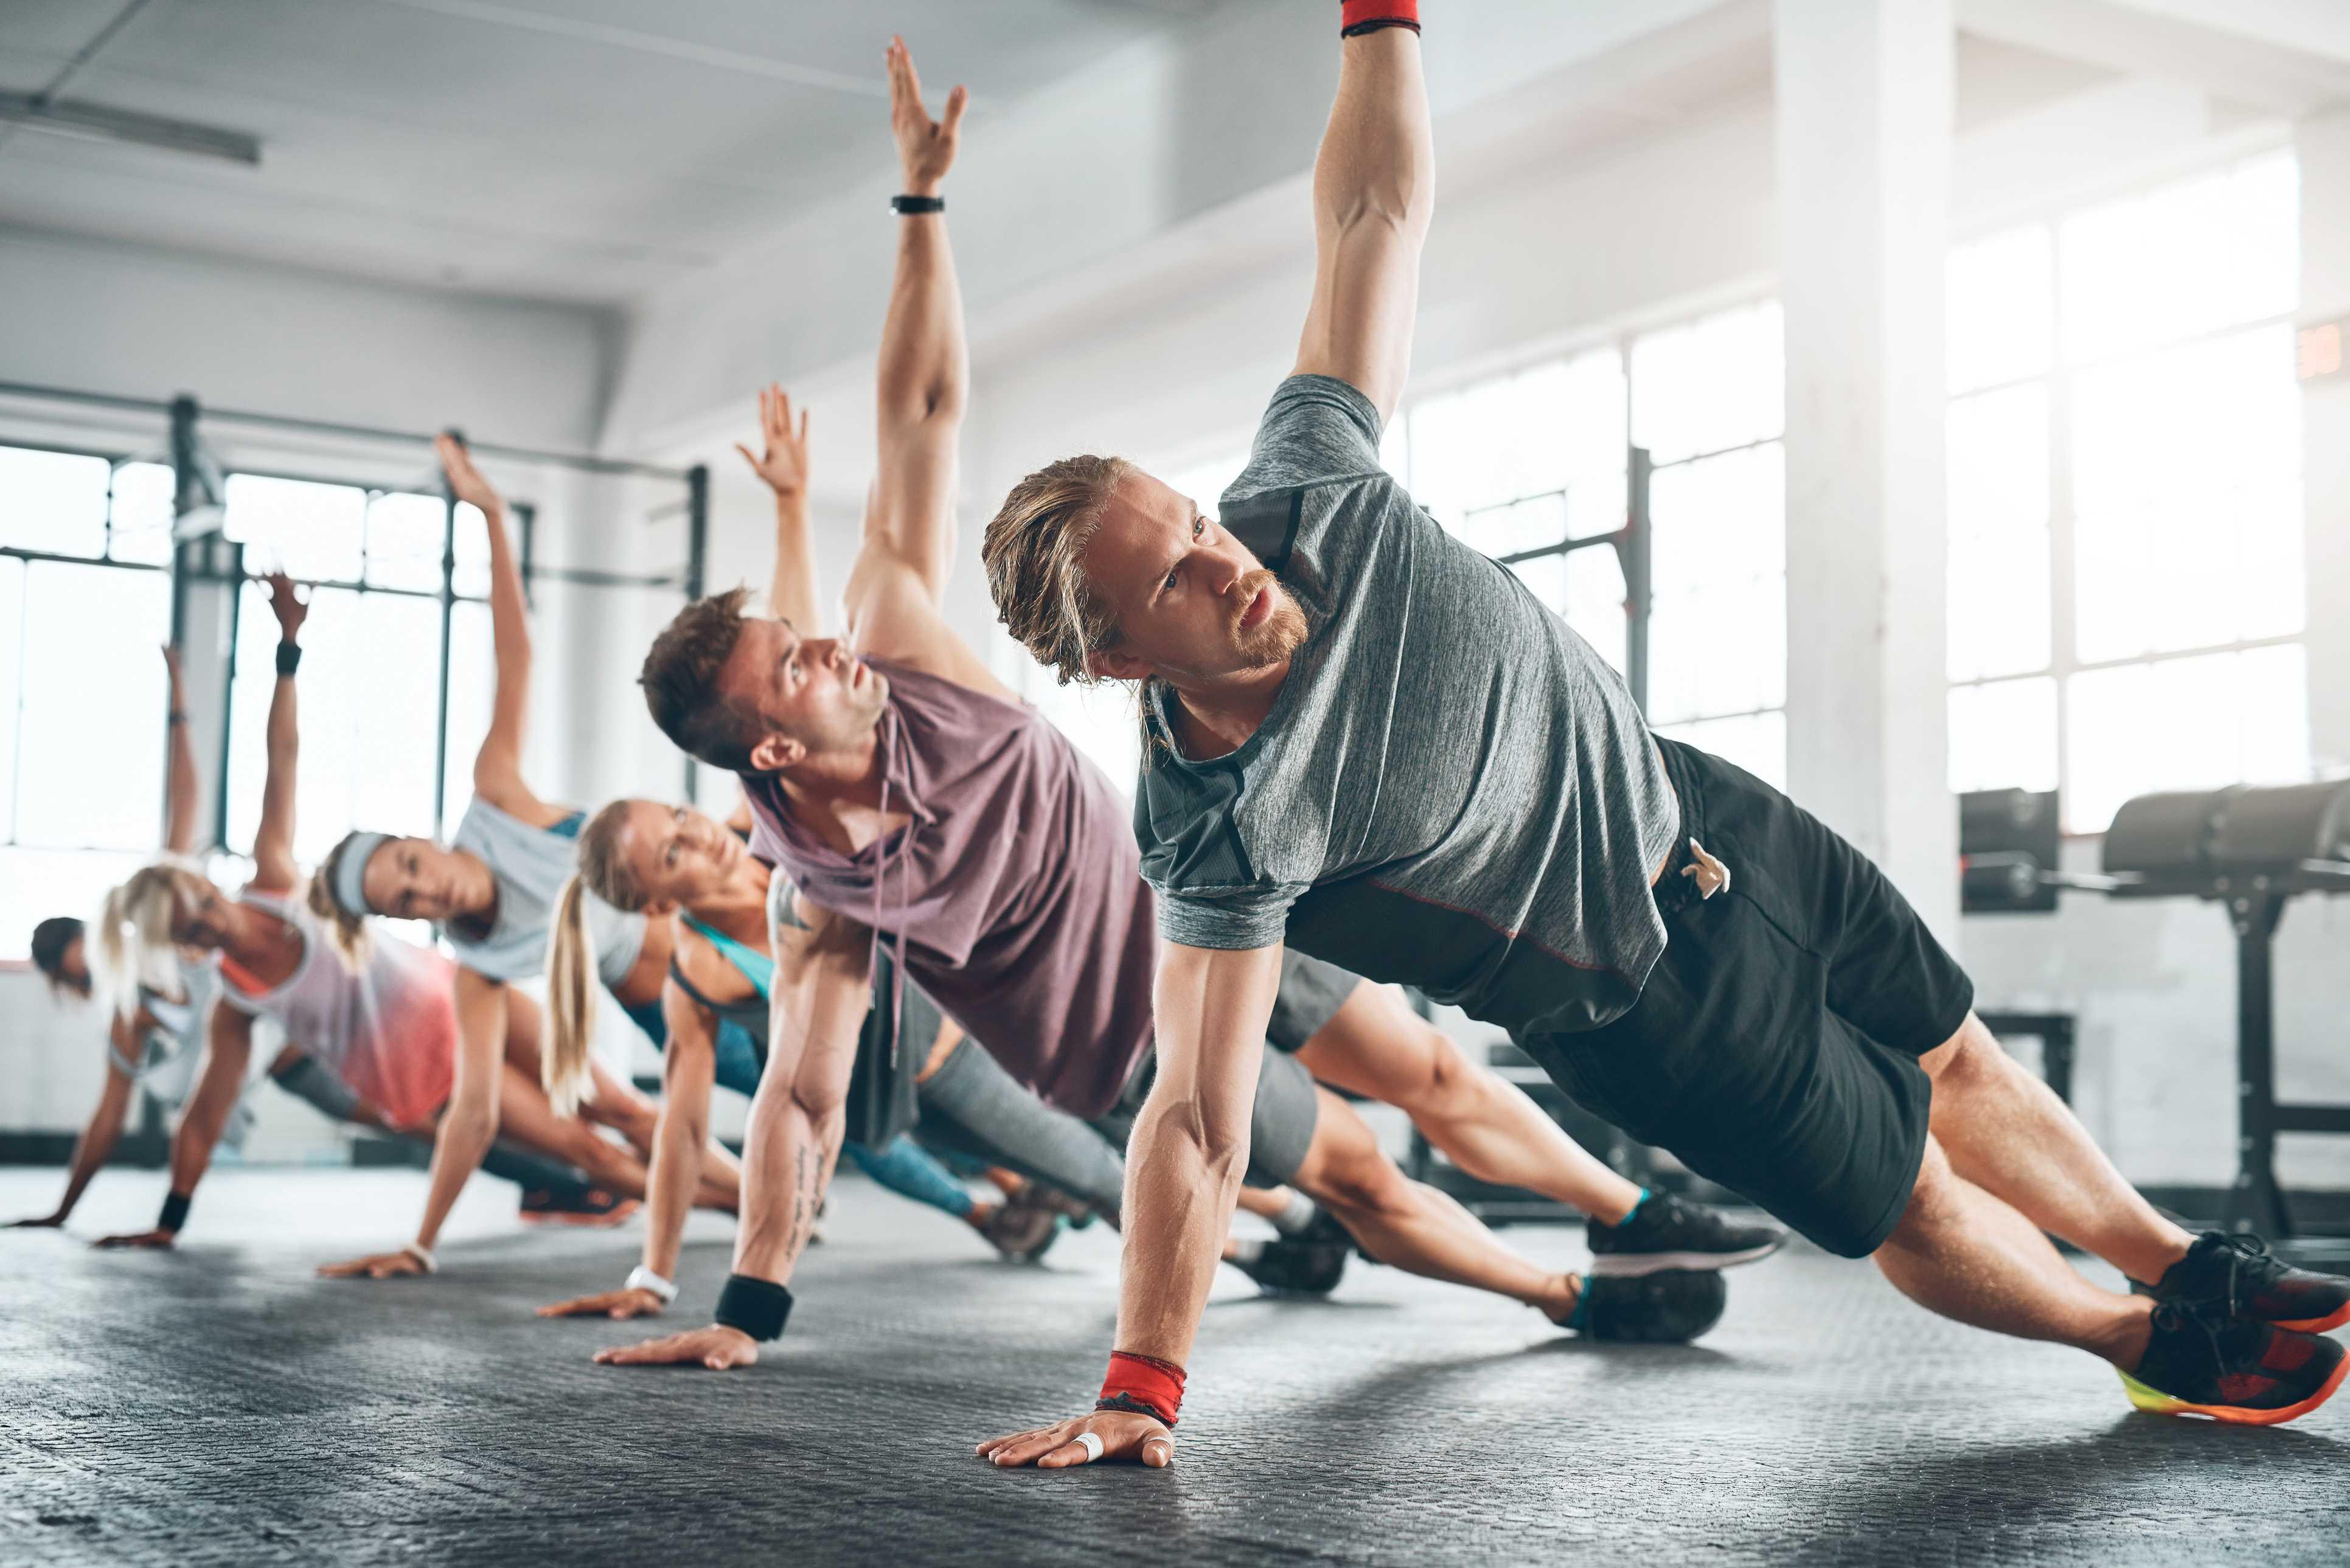 Высокоинтенсивные интервальные тренировки (вииит) для похудения в домашних условиях